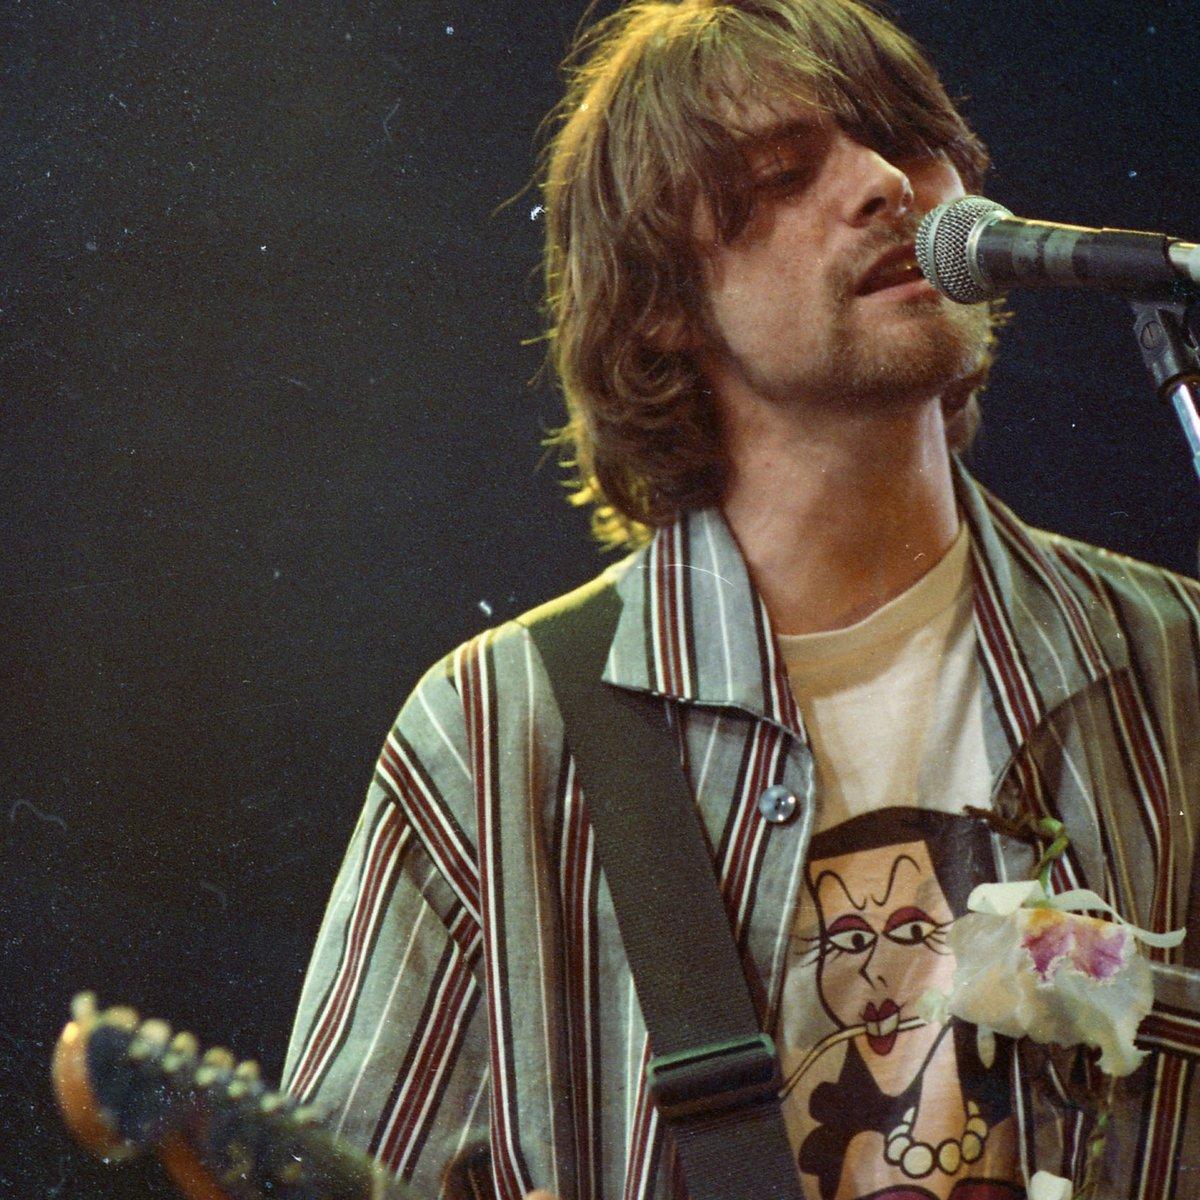 Suéter e guitarra de Kurt Cobain são leiloados por R$ 1,3 mi cada